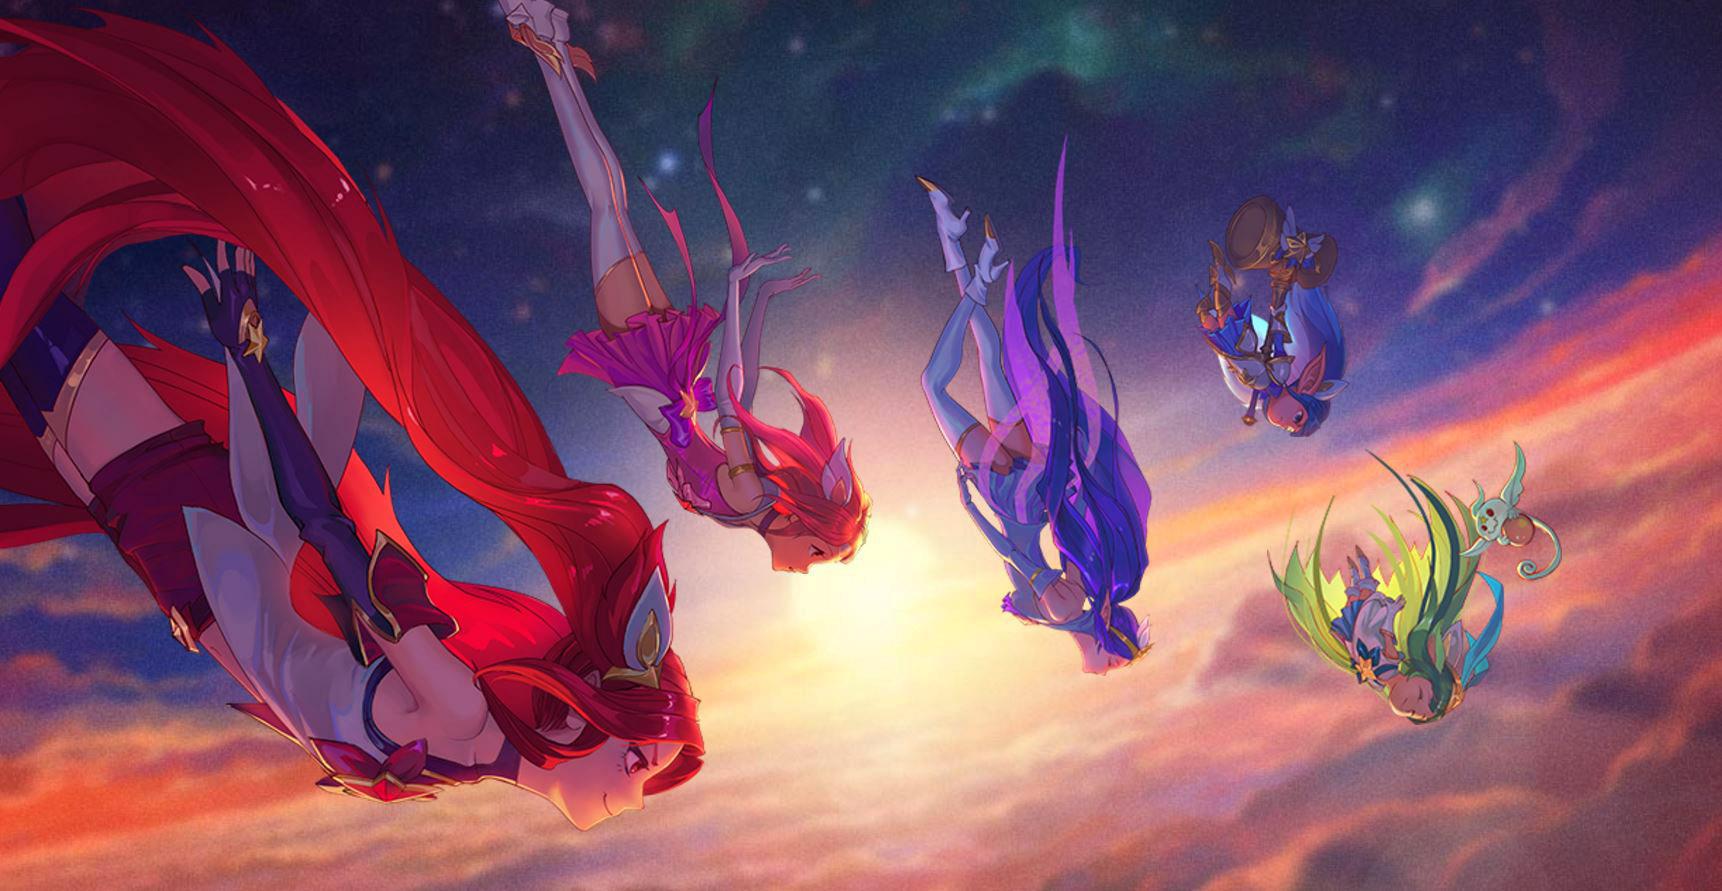 League of Legends: 4 neue Sternenwächterinnen-Skins für Janna, Jinx, Lulu und Poppy enthüllt